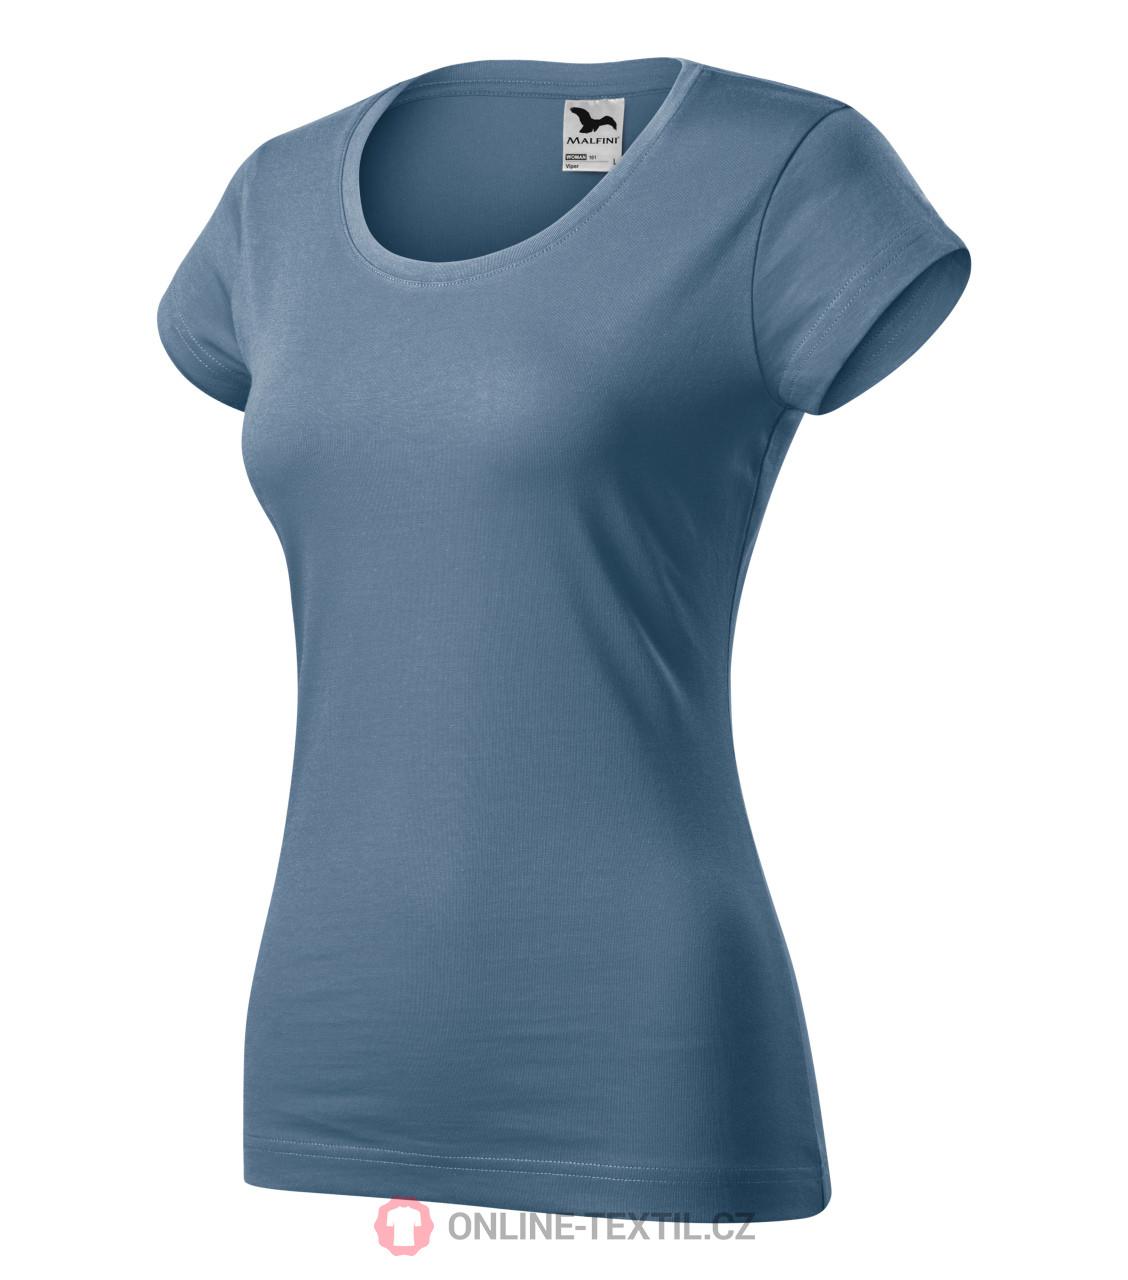 ADLER CZECH Viper tričko dámské vyšší gramáže 161 - denim z kolekce ... 9b872a2b99